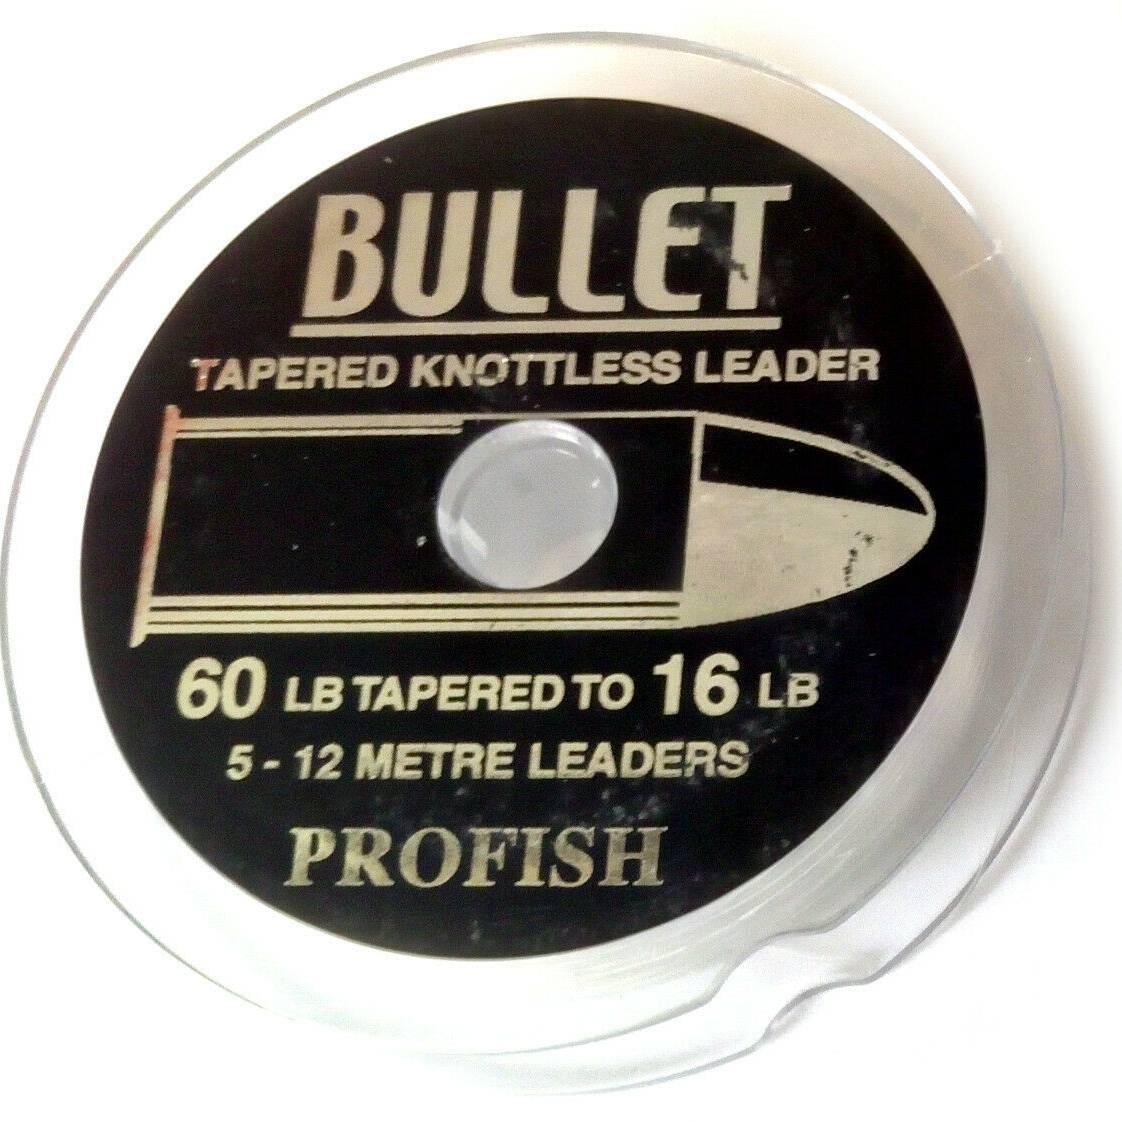 Bullet Tapered Shockleader, 16-60Lb 5X12M